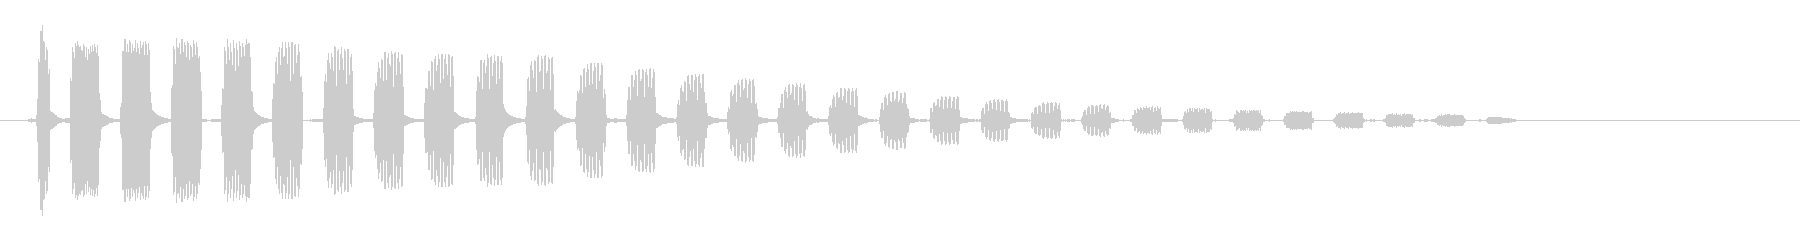 ビヨ〜ン (ゴム質な跳ね返り音)の未再生の波形